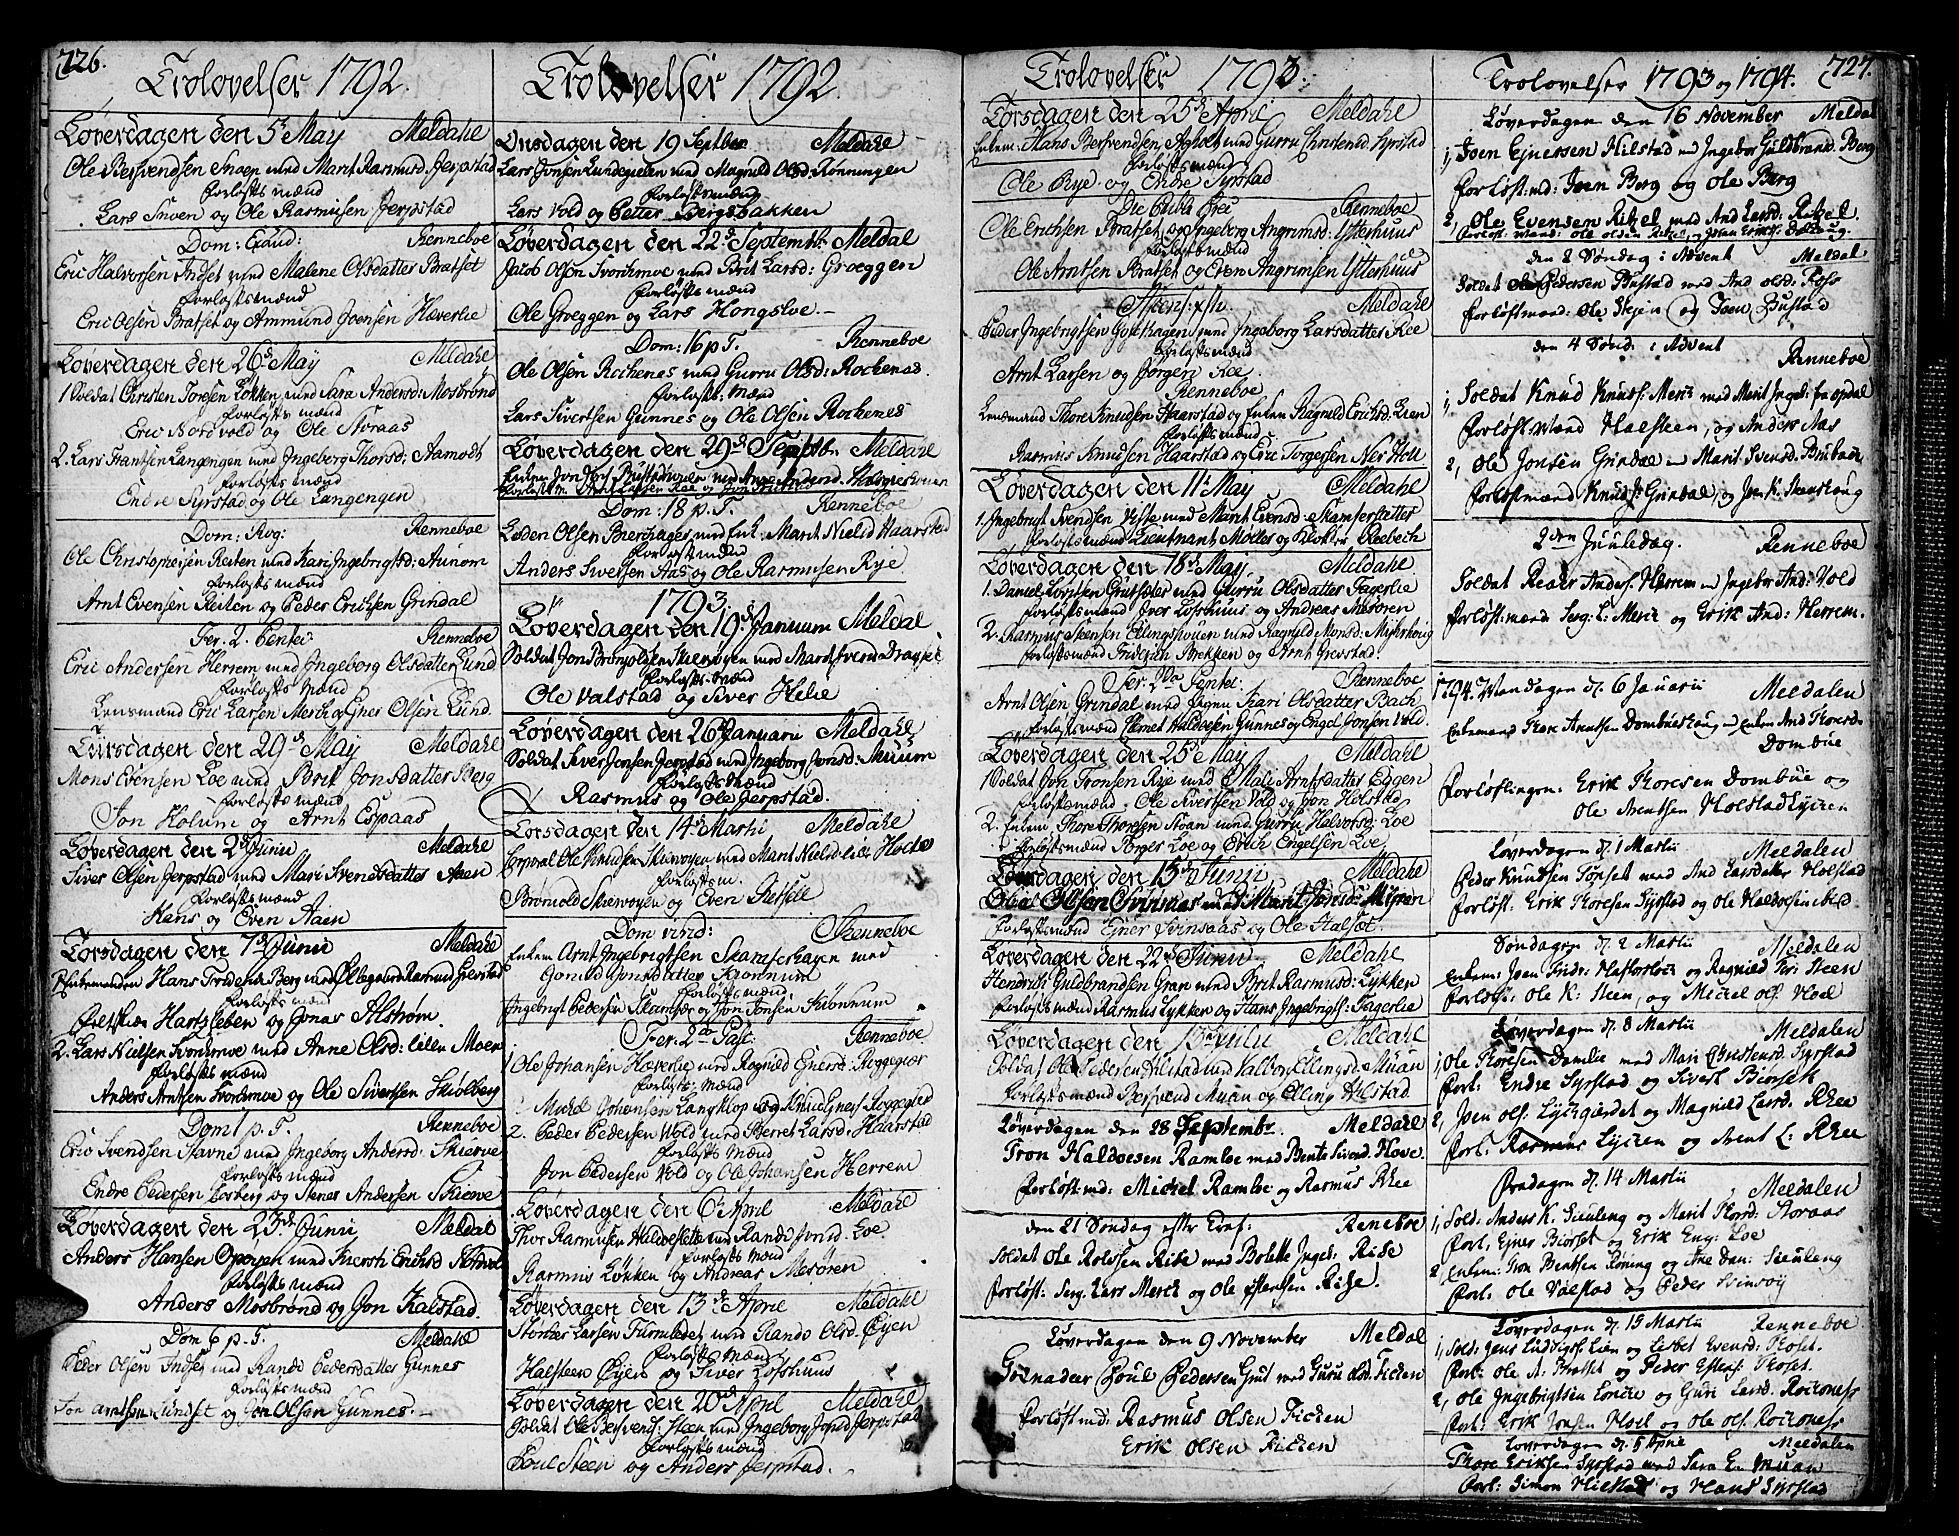 SAT, Ministerialprotokoller, klokkerbøker og fødselsregistre - Sør-Trøndelag, 672/L0852: Ministerialbok nr. 672A05, 1776-1815, s. 726-727